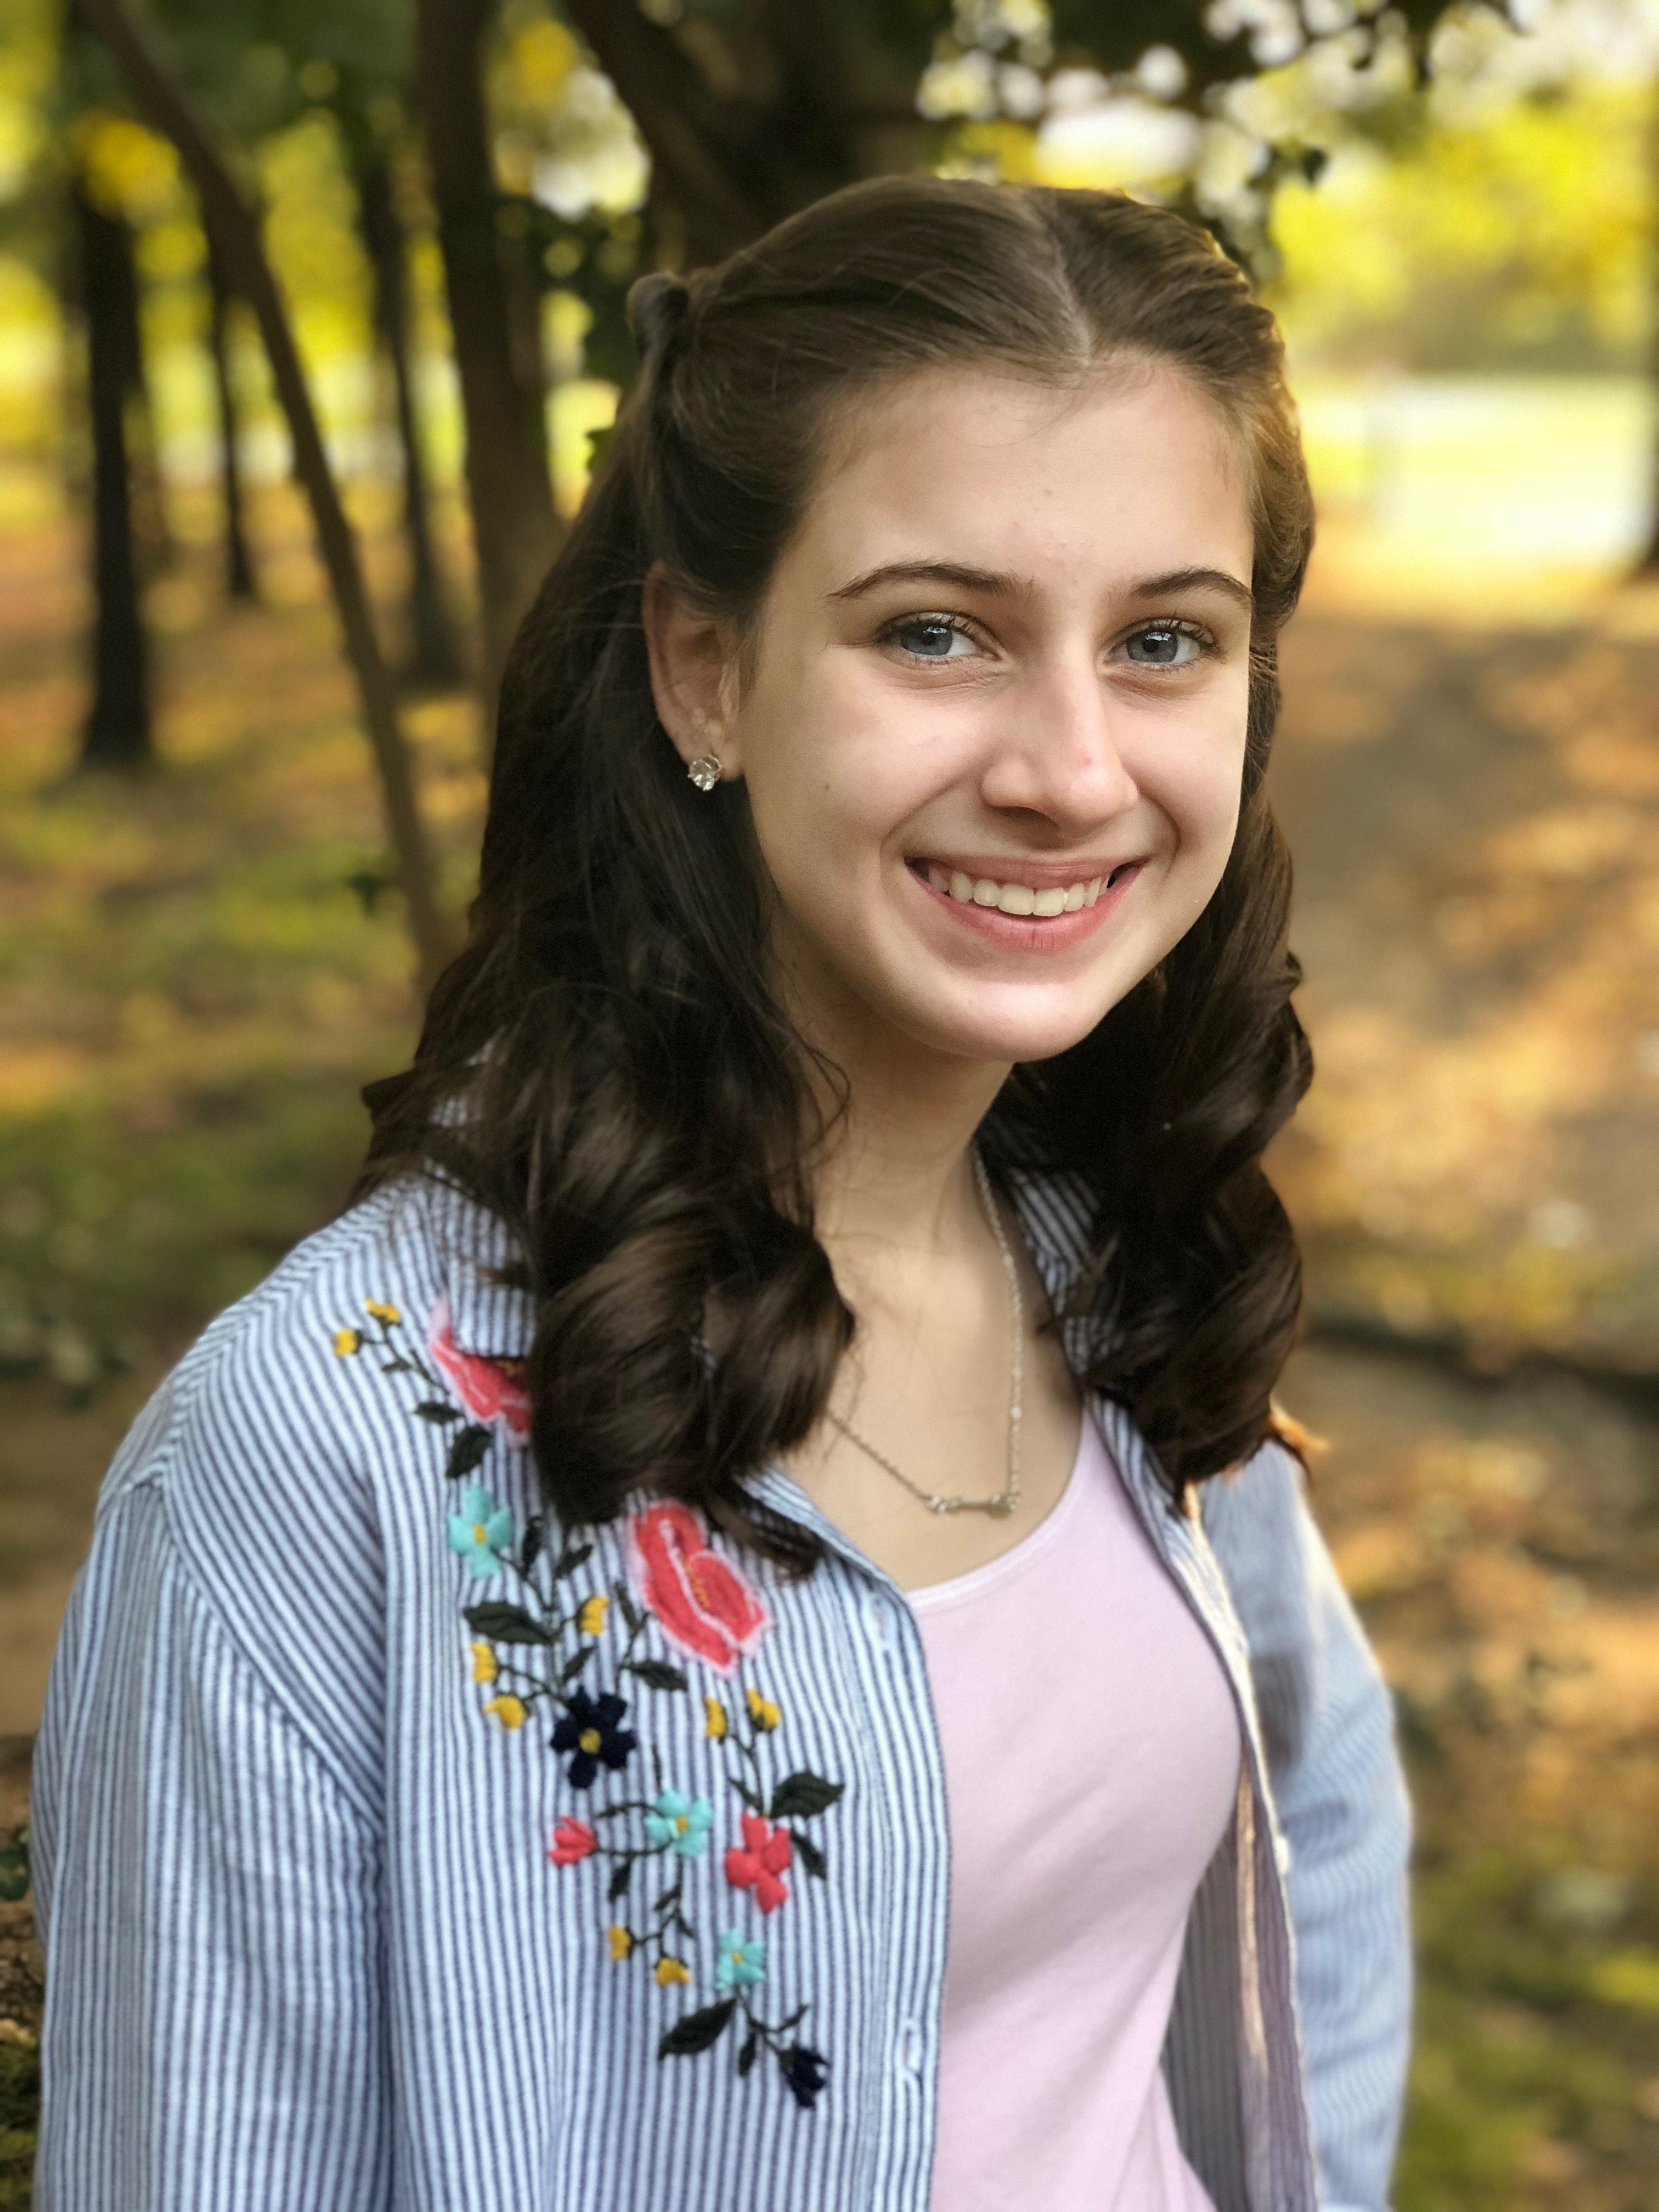 かわいい女の子 ティーン ティーンエイジャーの無料の写真素材